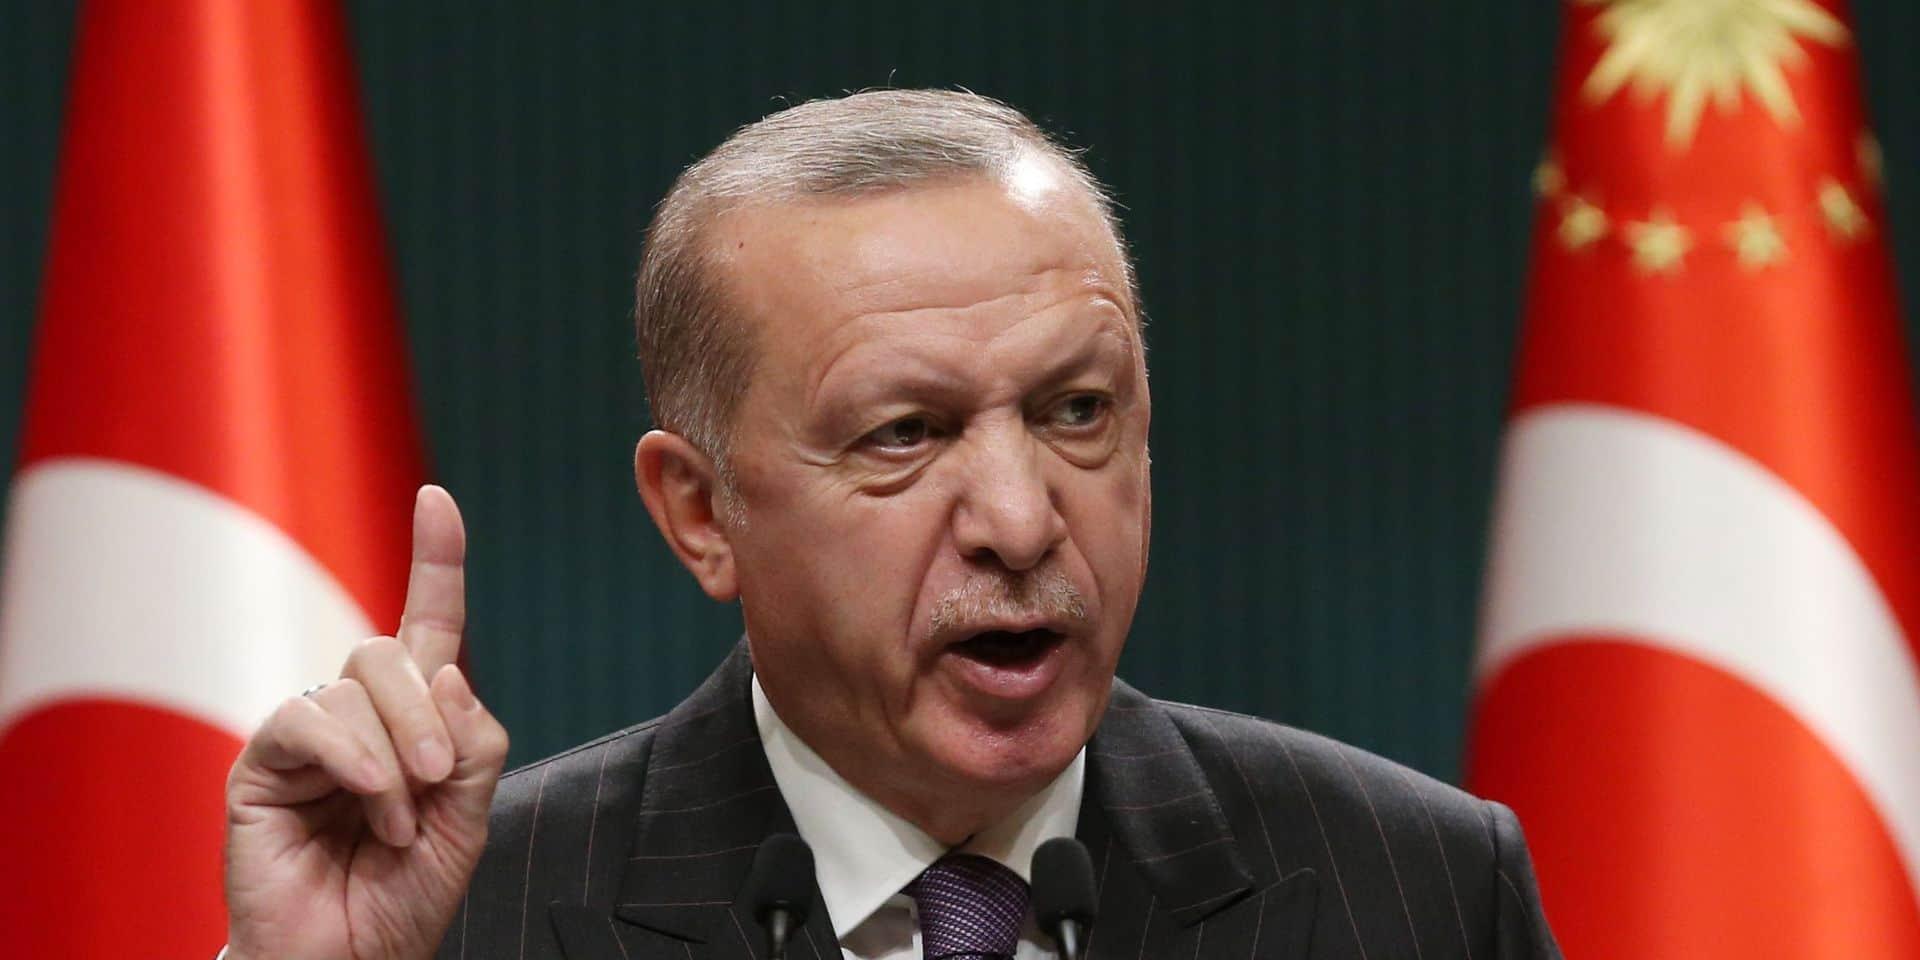 Après la justice et les médias, Recep Tayyip Erdogan est déterminé à mettre les ONG sous sa coupe.